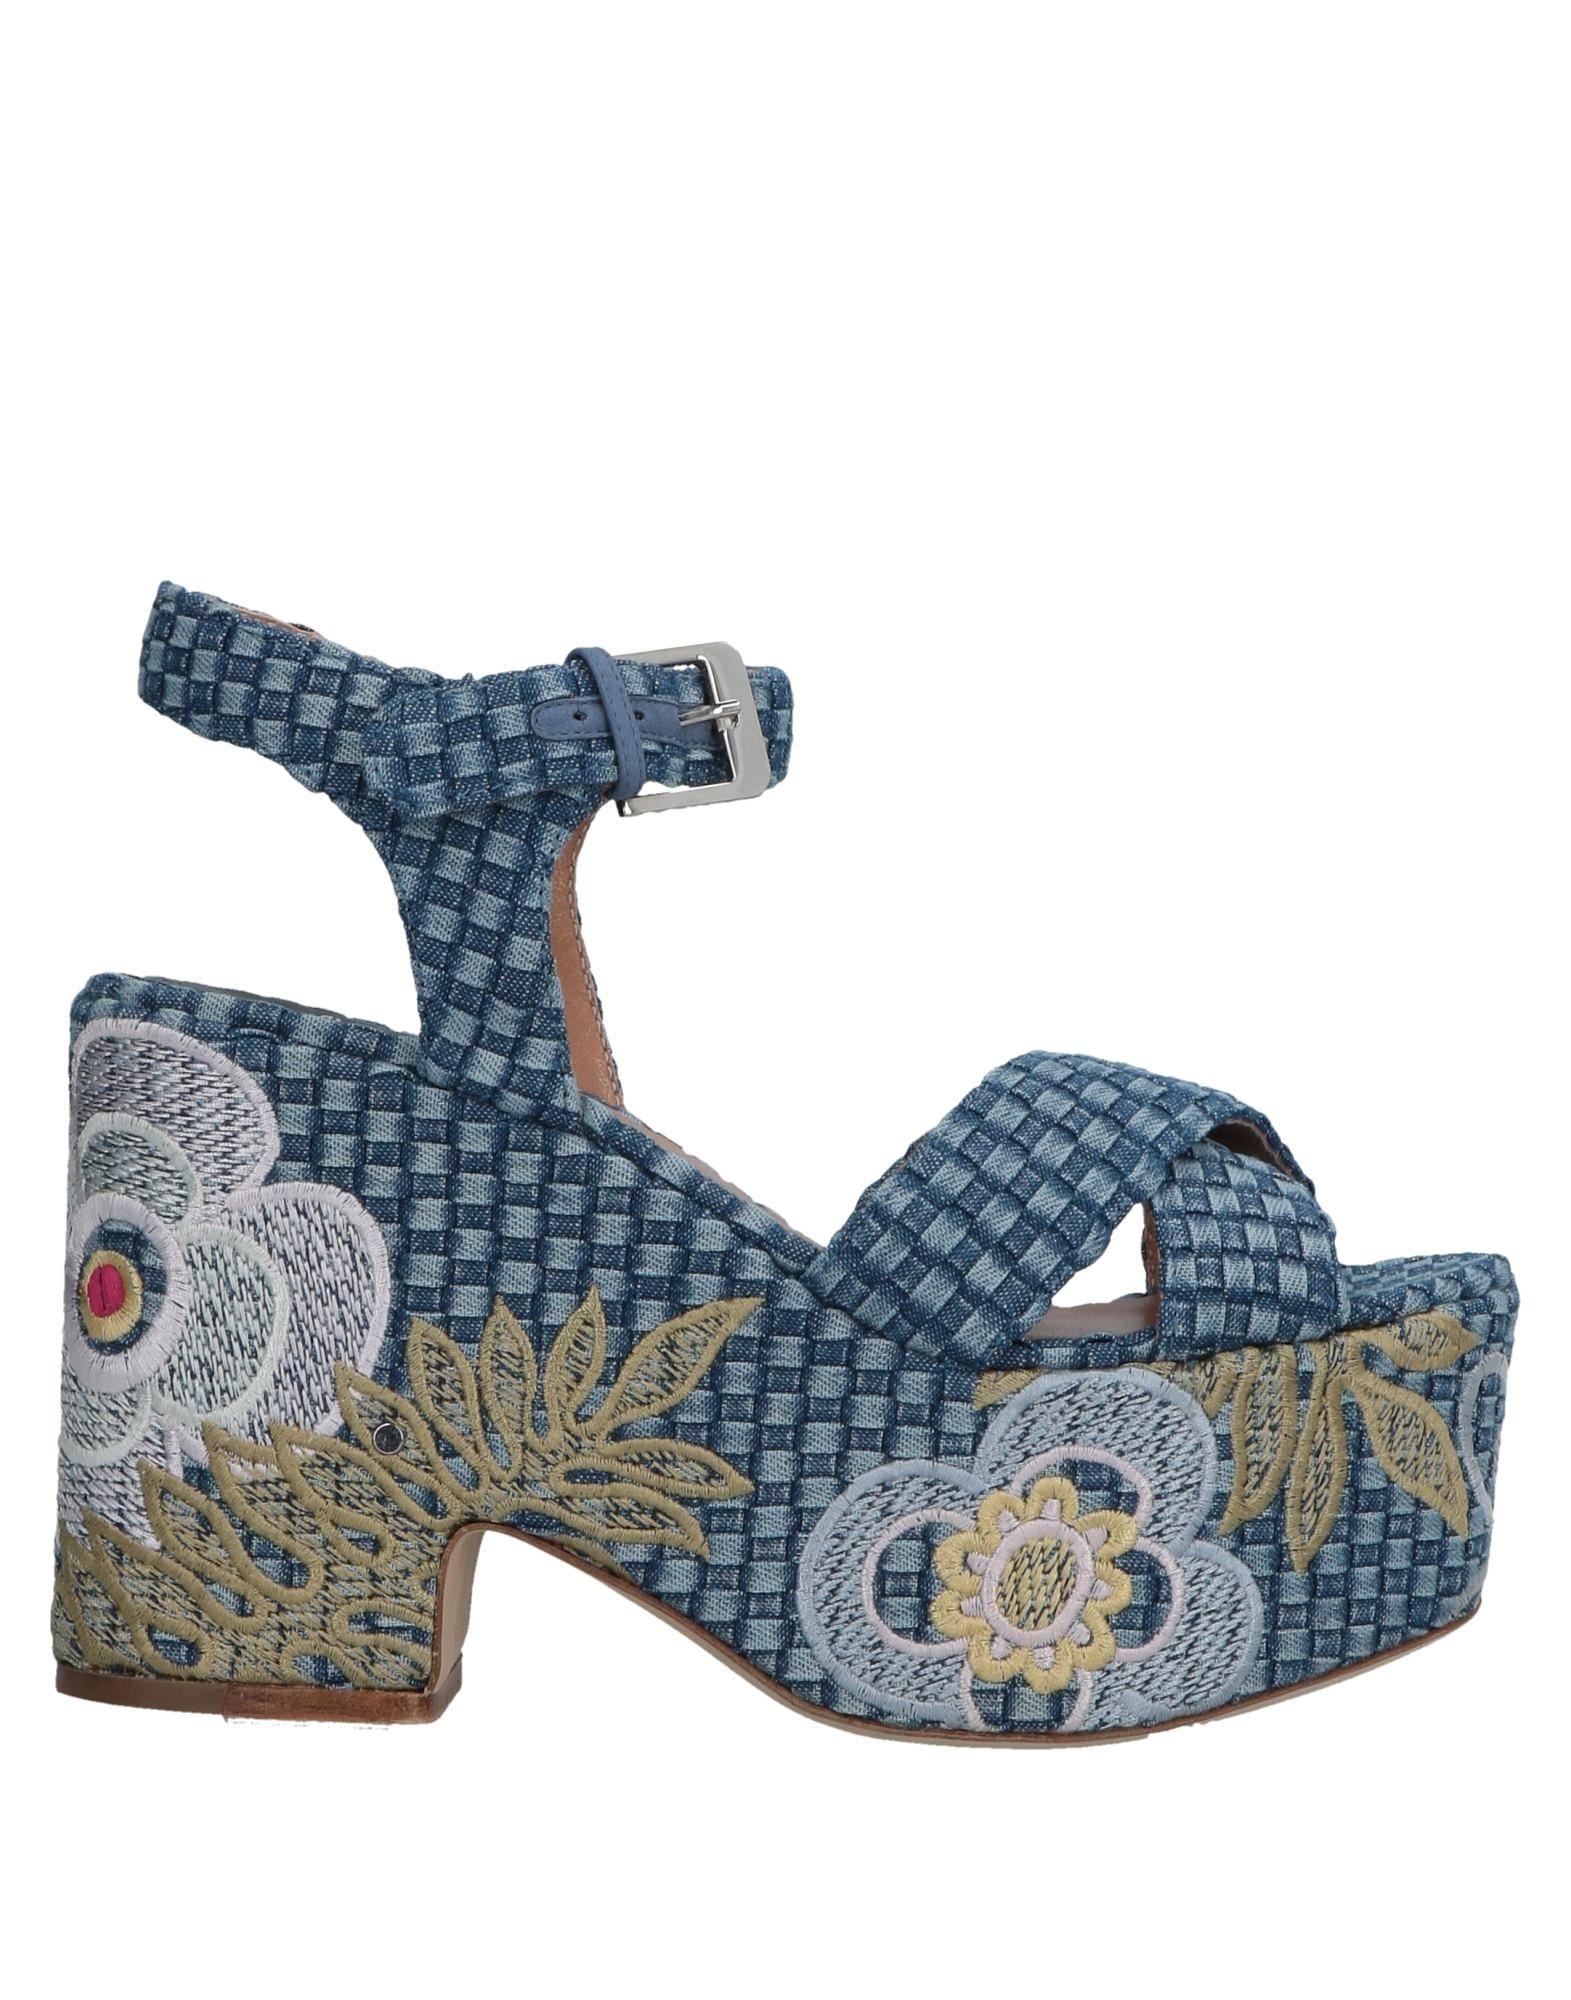 《送料無料》LAURENCE DACADE レディース サンダル ブルー 36 紡績繊維